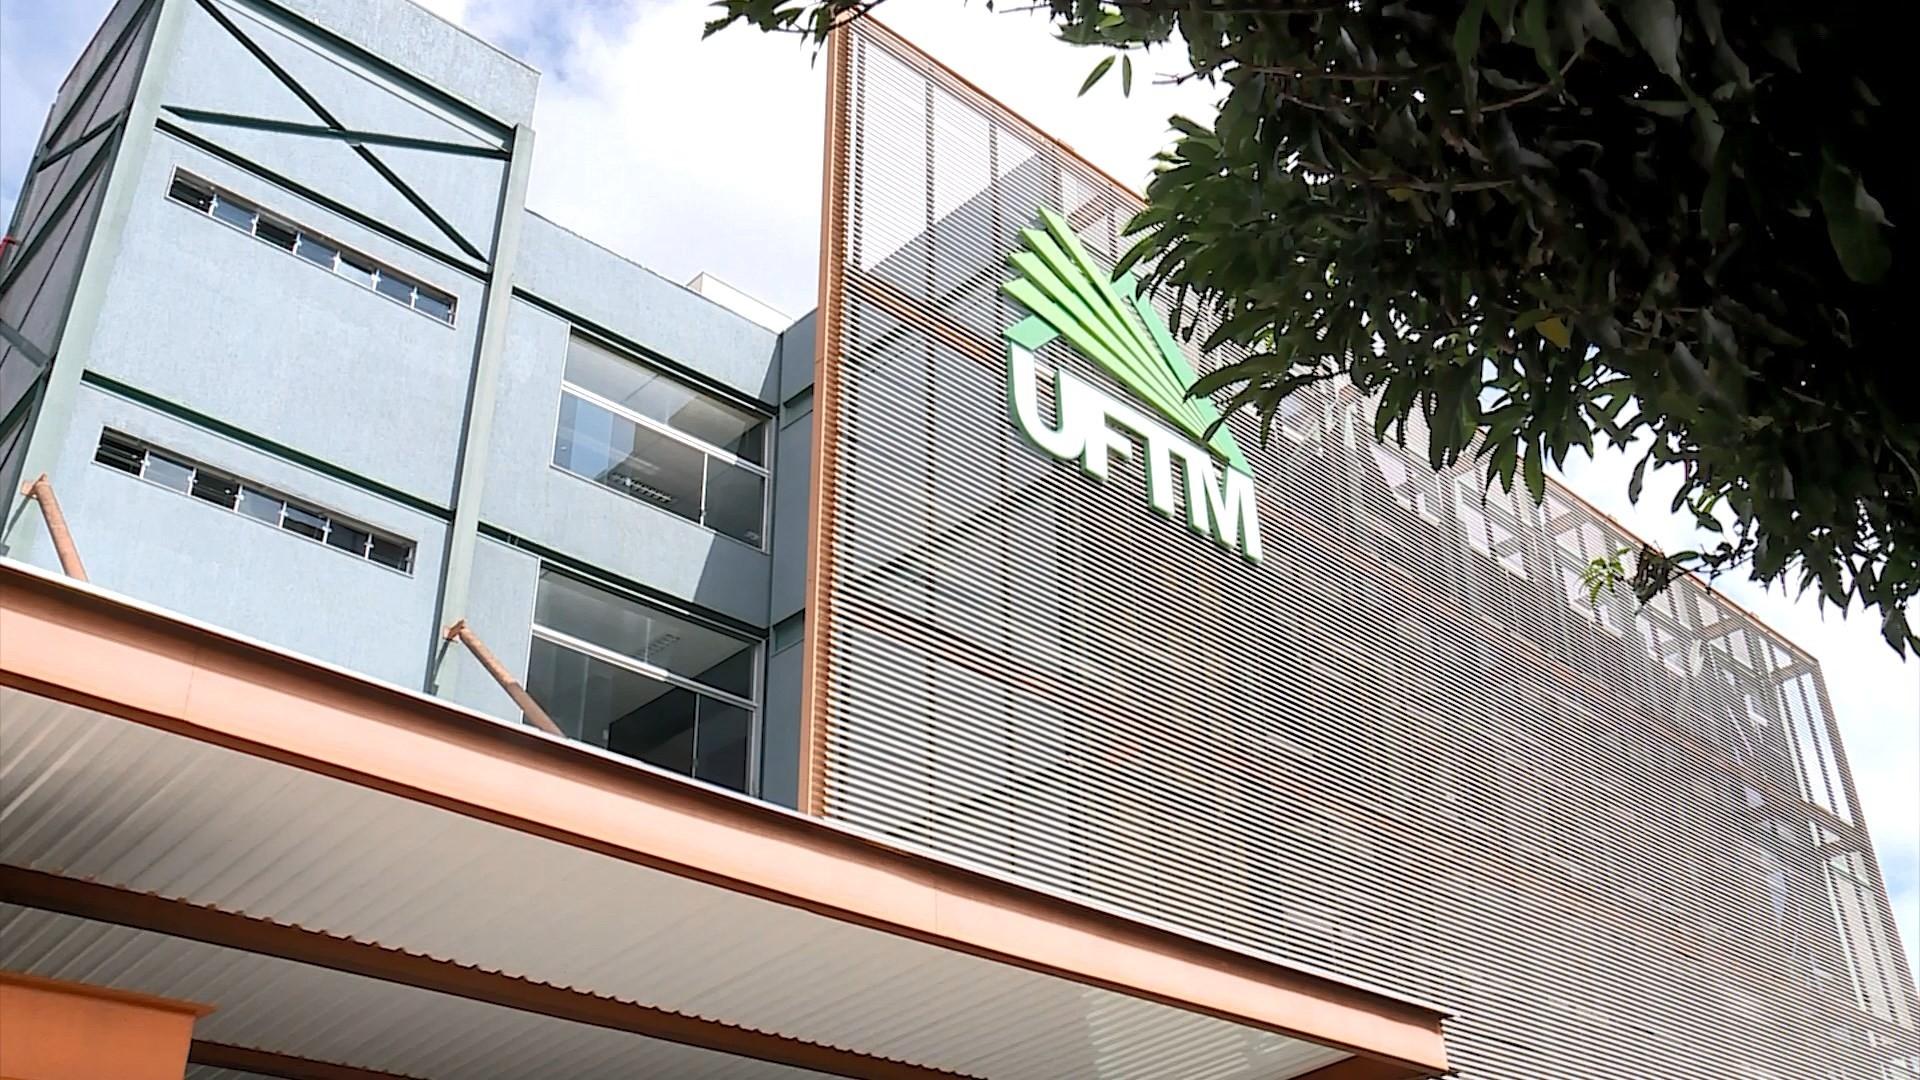 UFTM abre vagas para processo seletivo de mestrado e doutorado em Ciências Fisiológicas